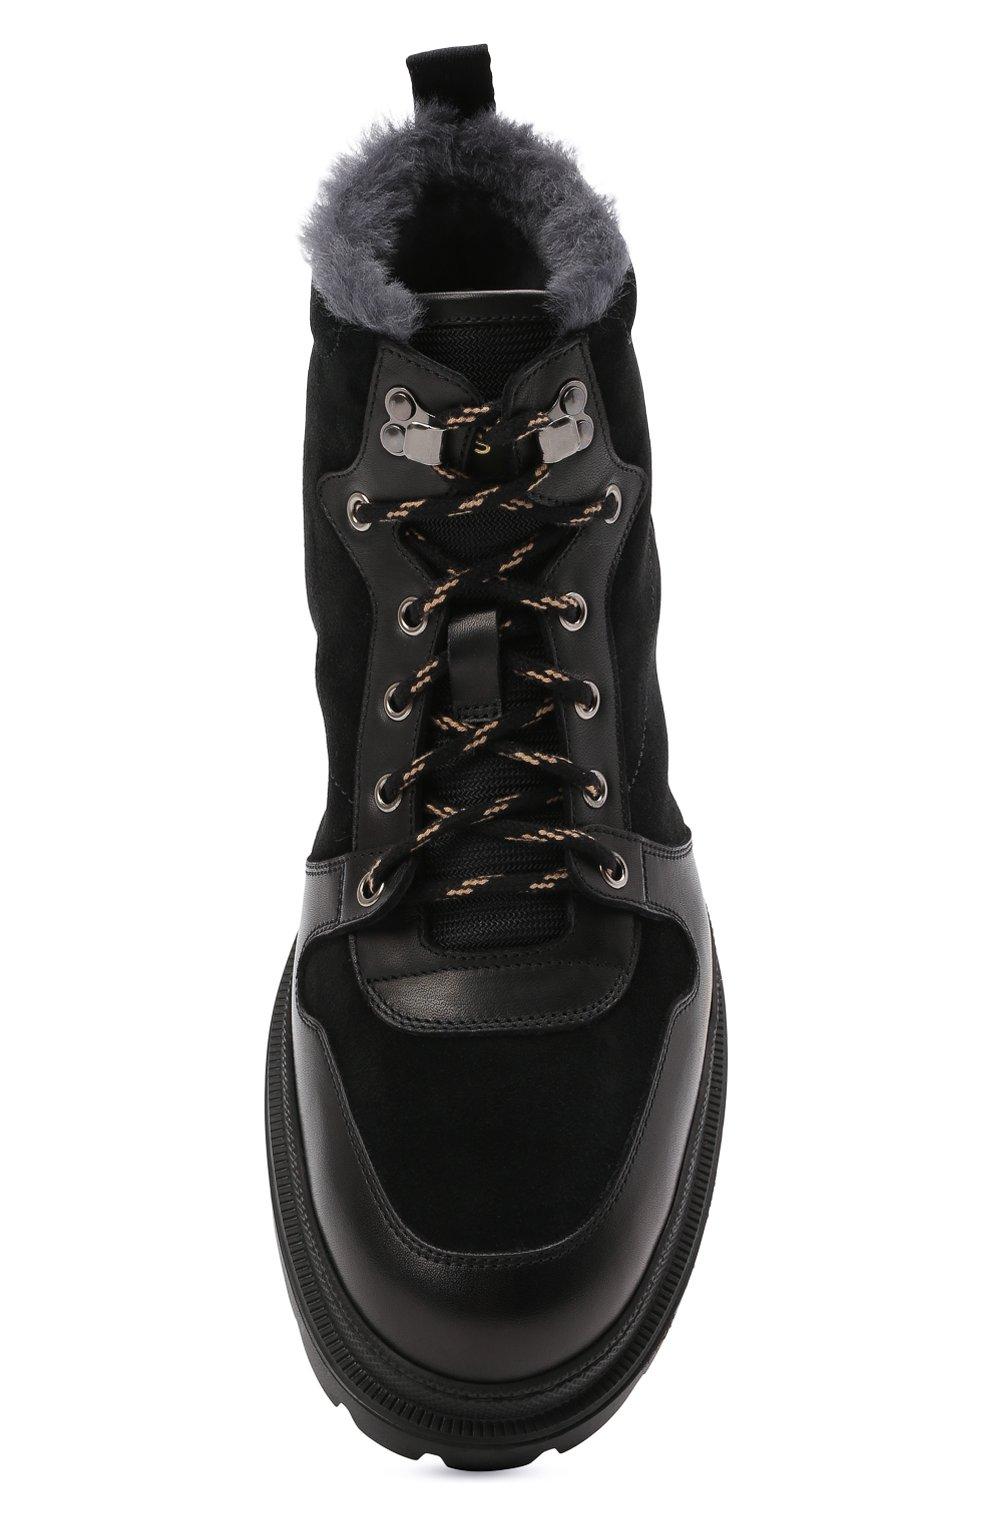 Мужские комбинированные ботинки H`D`S`N BARACCO черного цвета, арт. 81530.VMN.0* | Фото 5 (Материал утеплителя: Натуральный мех; Мужское Кросс-КТ: Хайкеры-обувь, Ботинки-обувь, зимние ботинки; Подошва: Массивная)